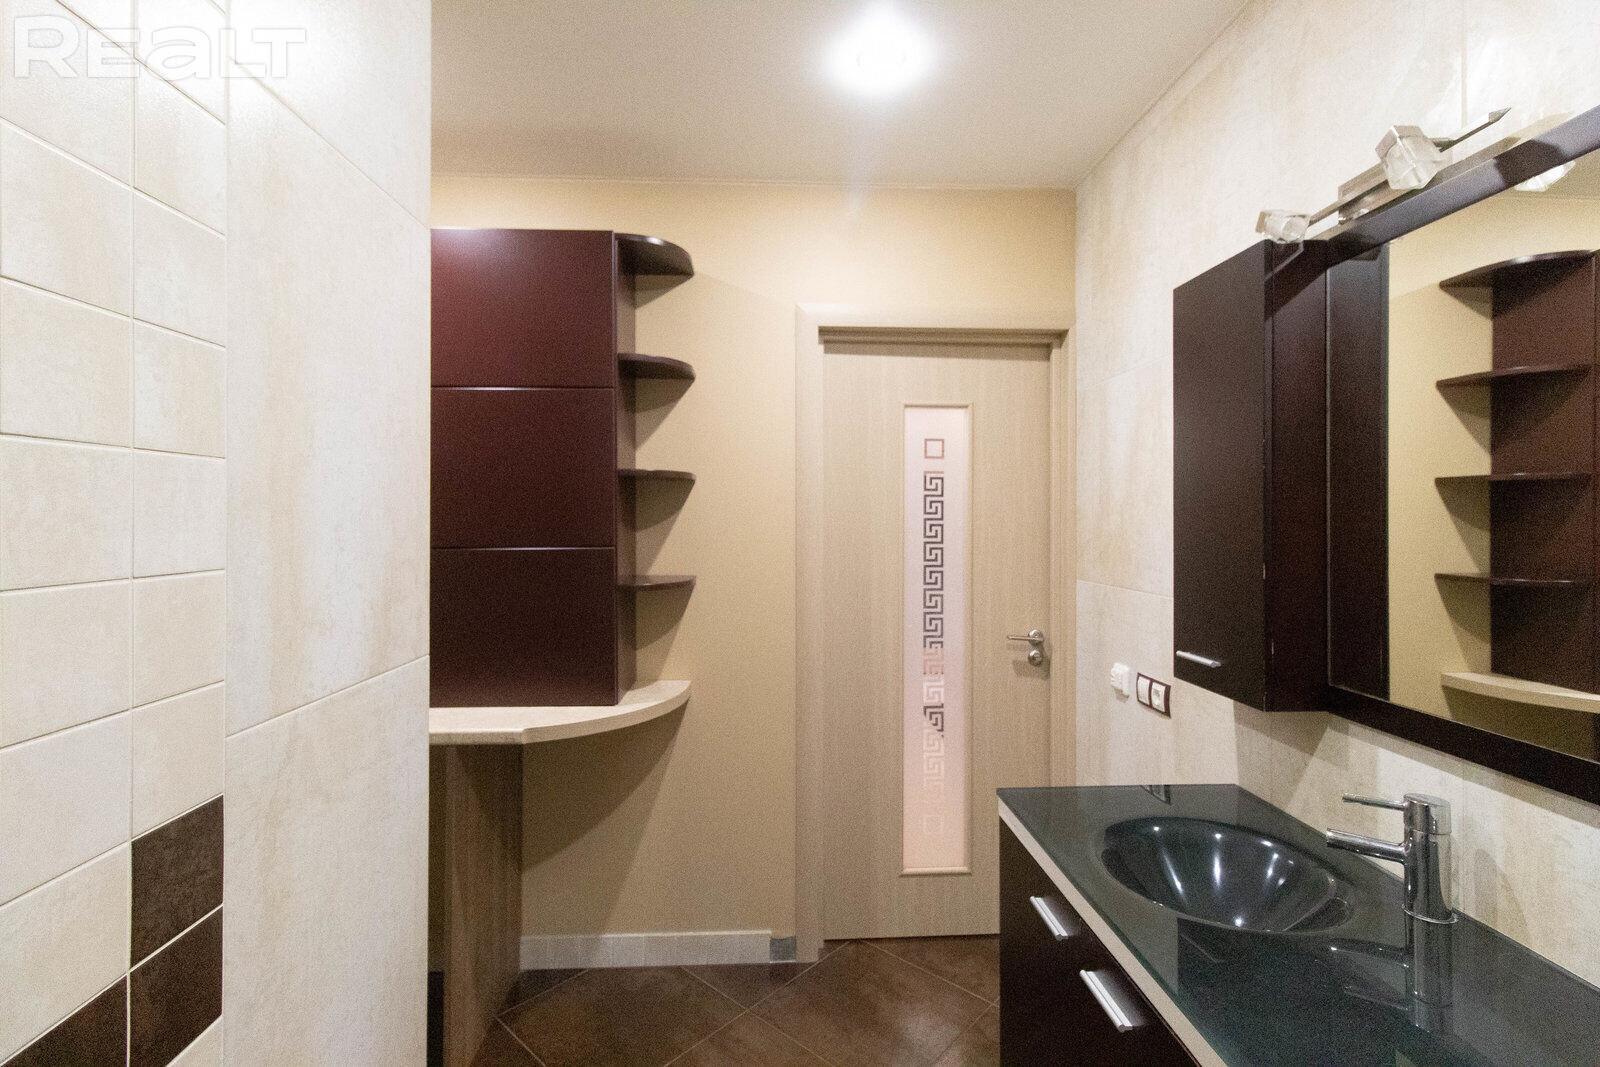 Продается 3-х комнатная квартира, Боровляны - фото №16